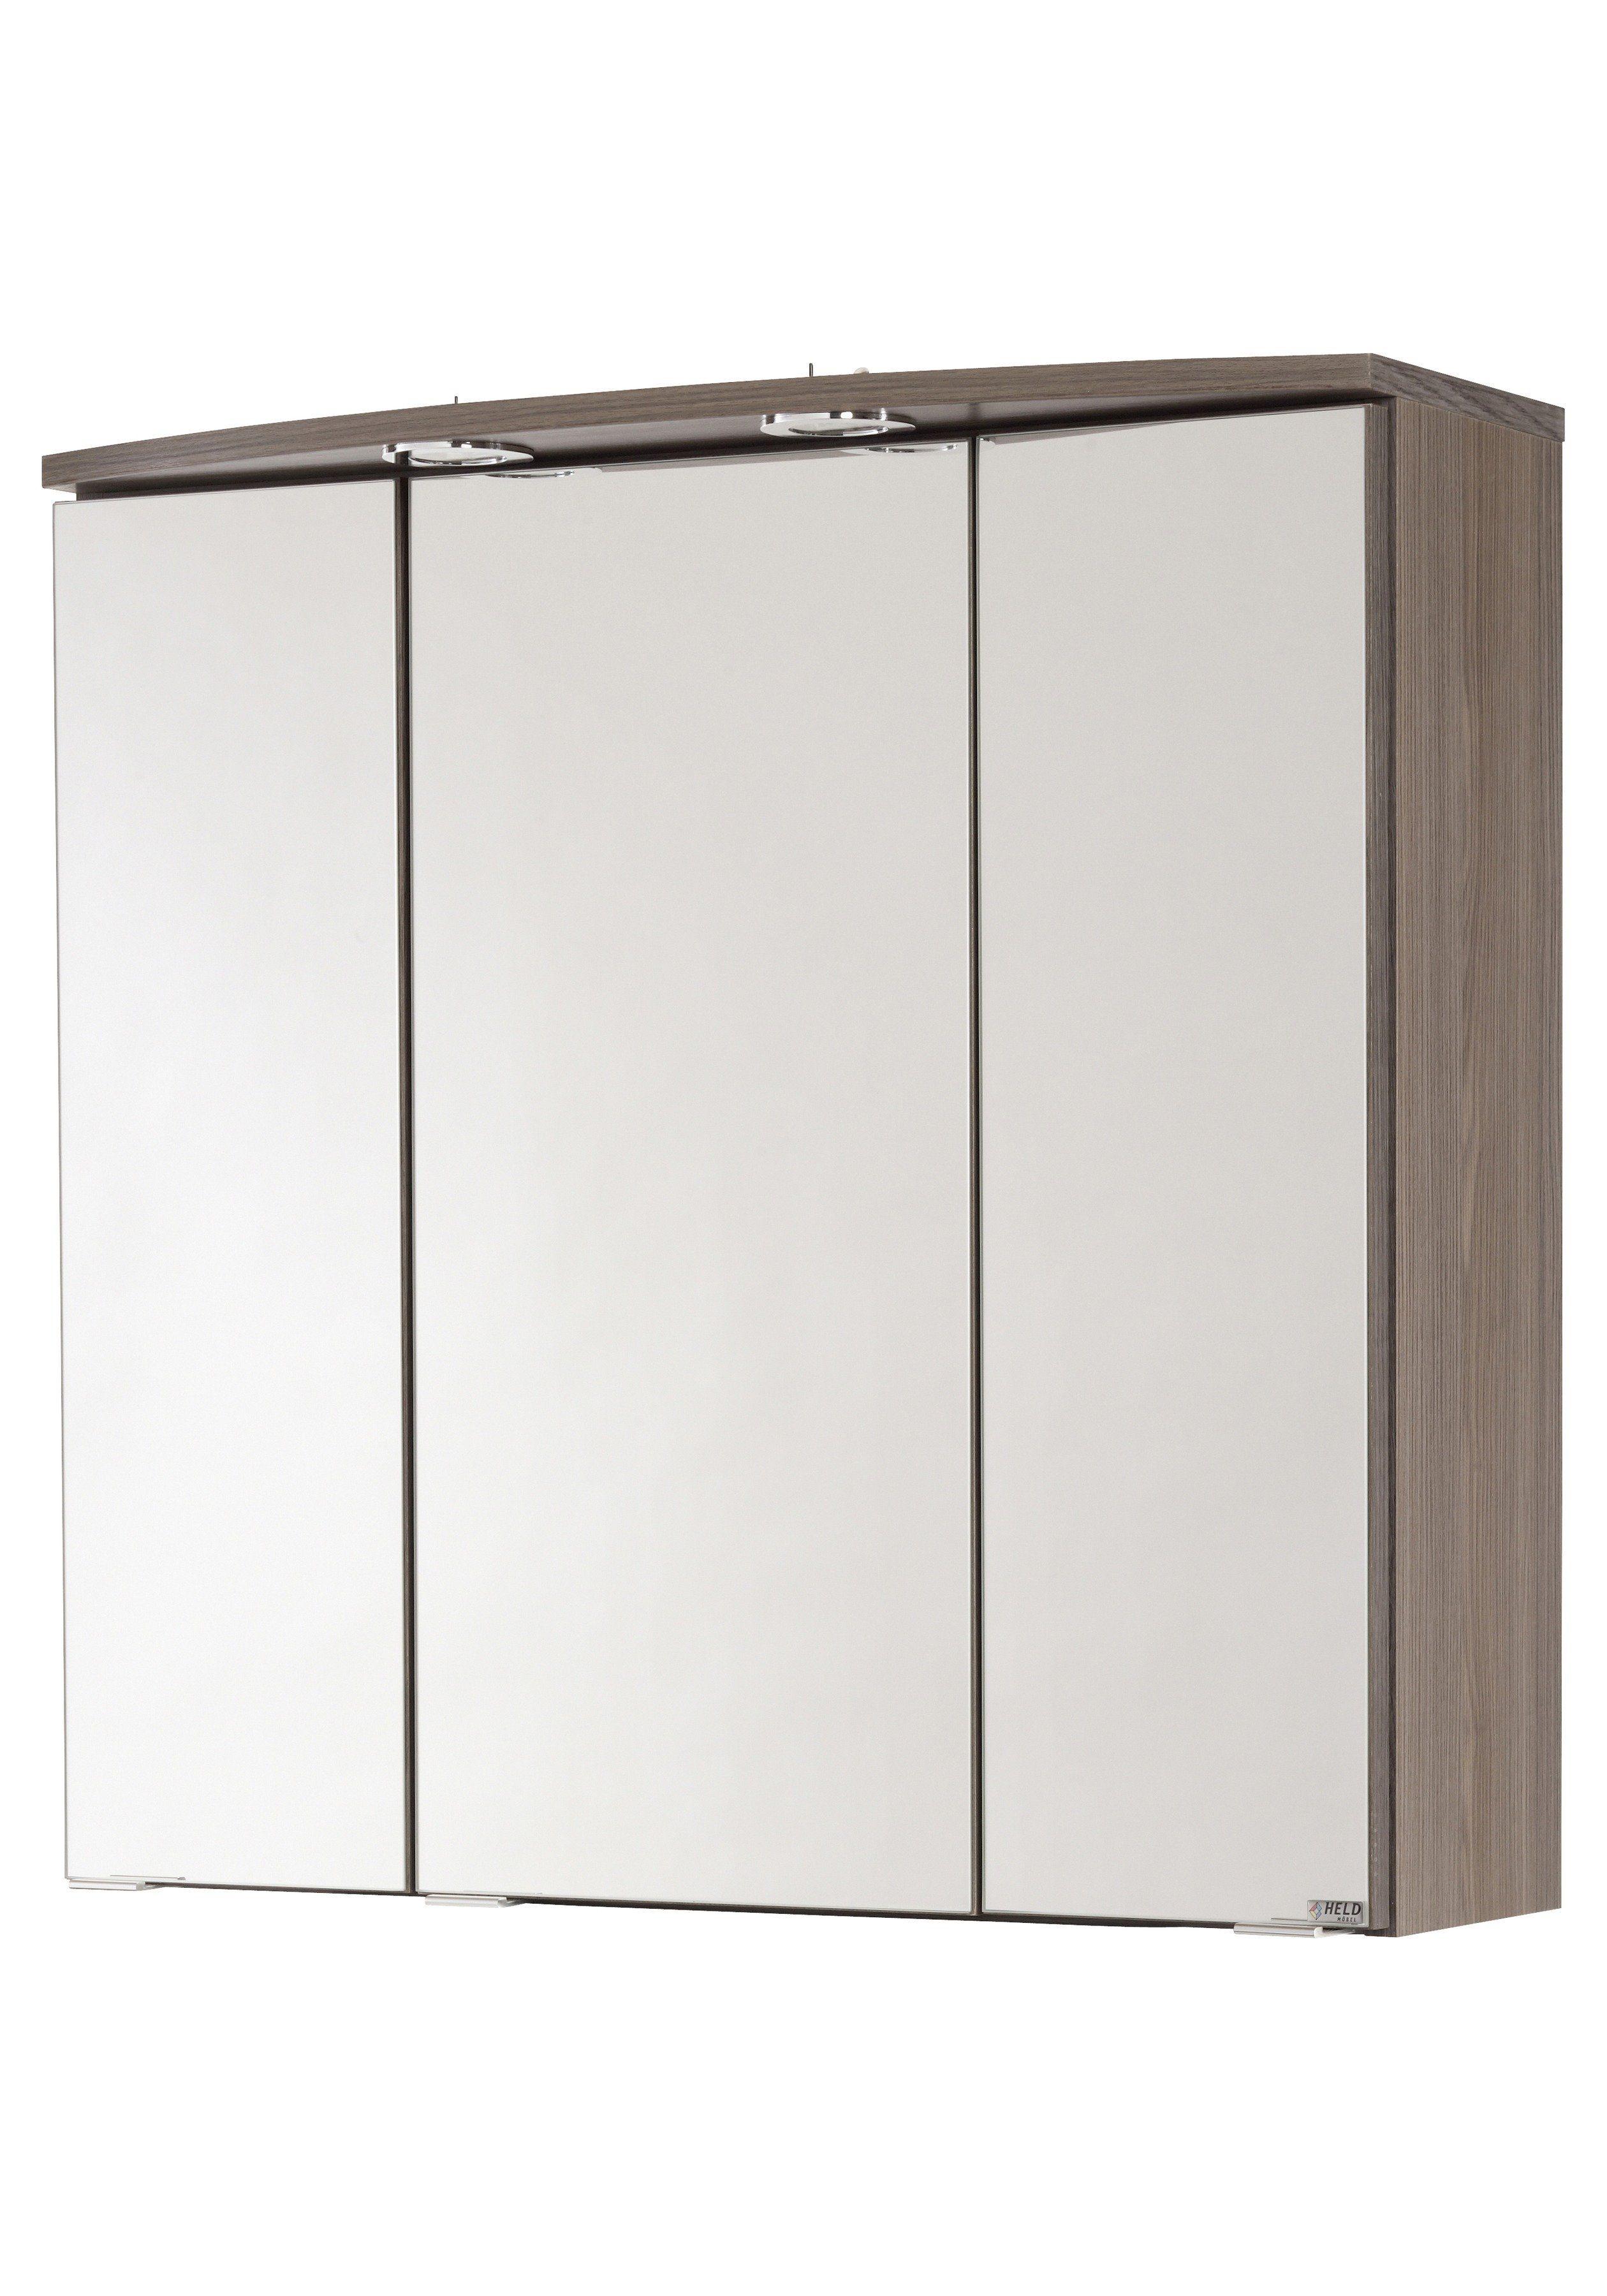 Spiegelschrank »Marinello« Breite 70 cm, mit Beleuchtung